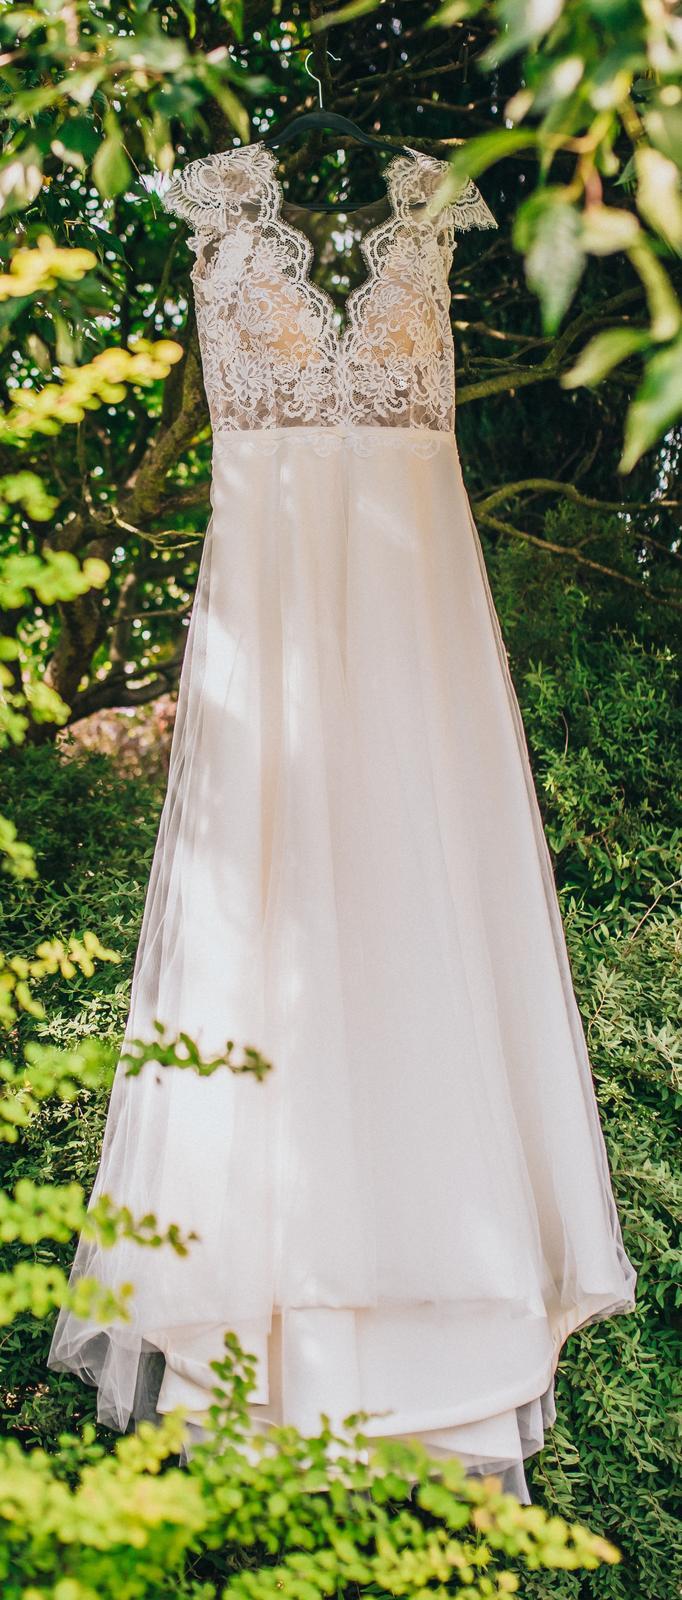 Prodám svatební šaty šité na míru - Obrázek č. 3